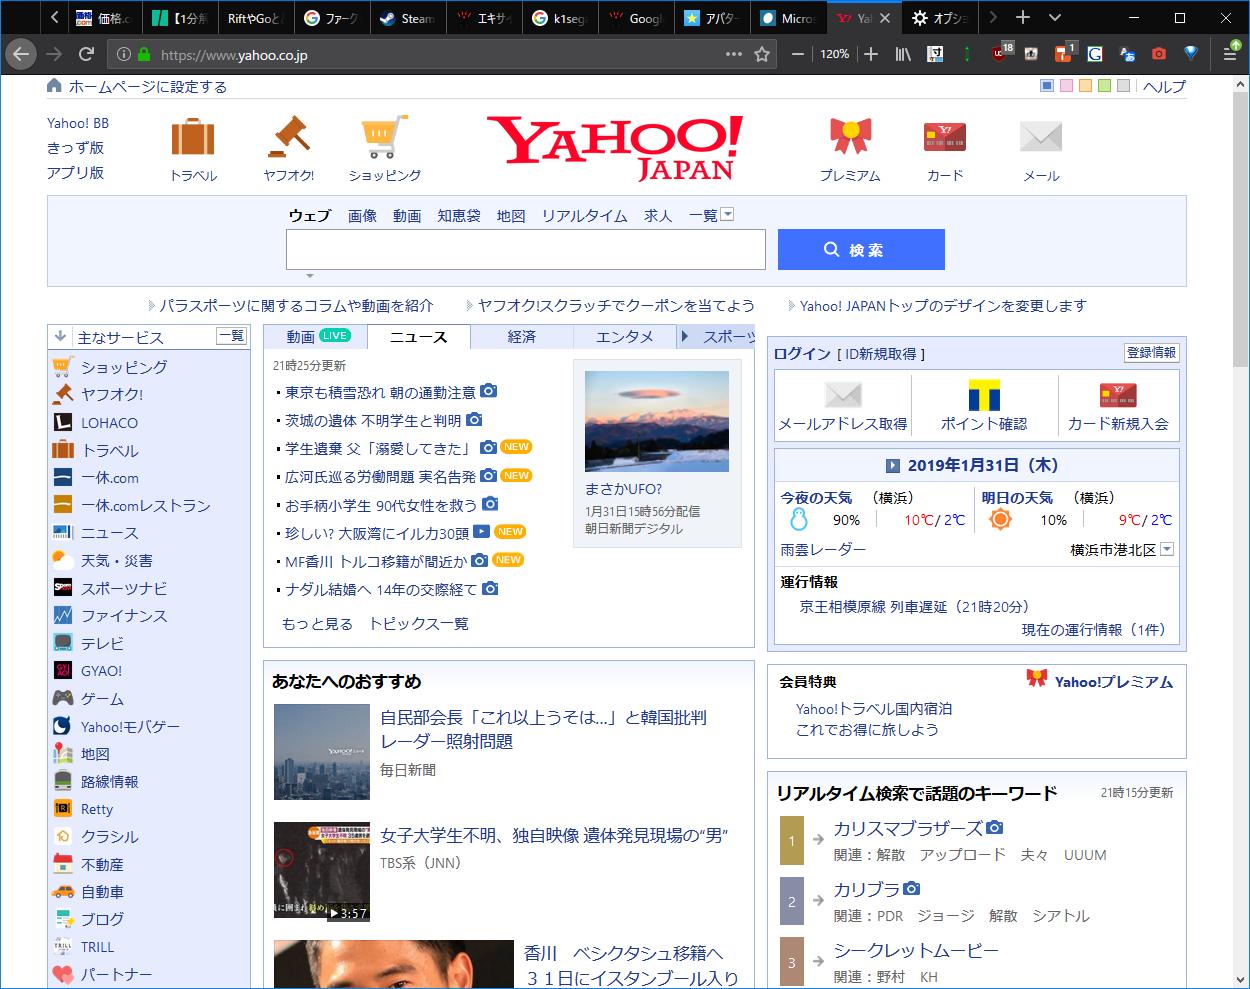 最近のブラウザ状況 - Firefox Quantum & MS Edge (1/31)_a0034780_21335424.png